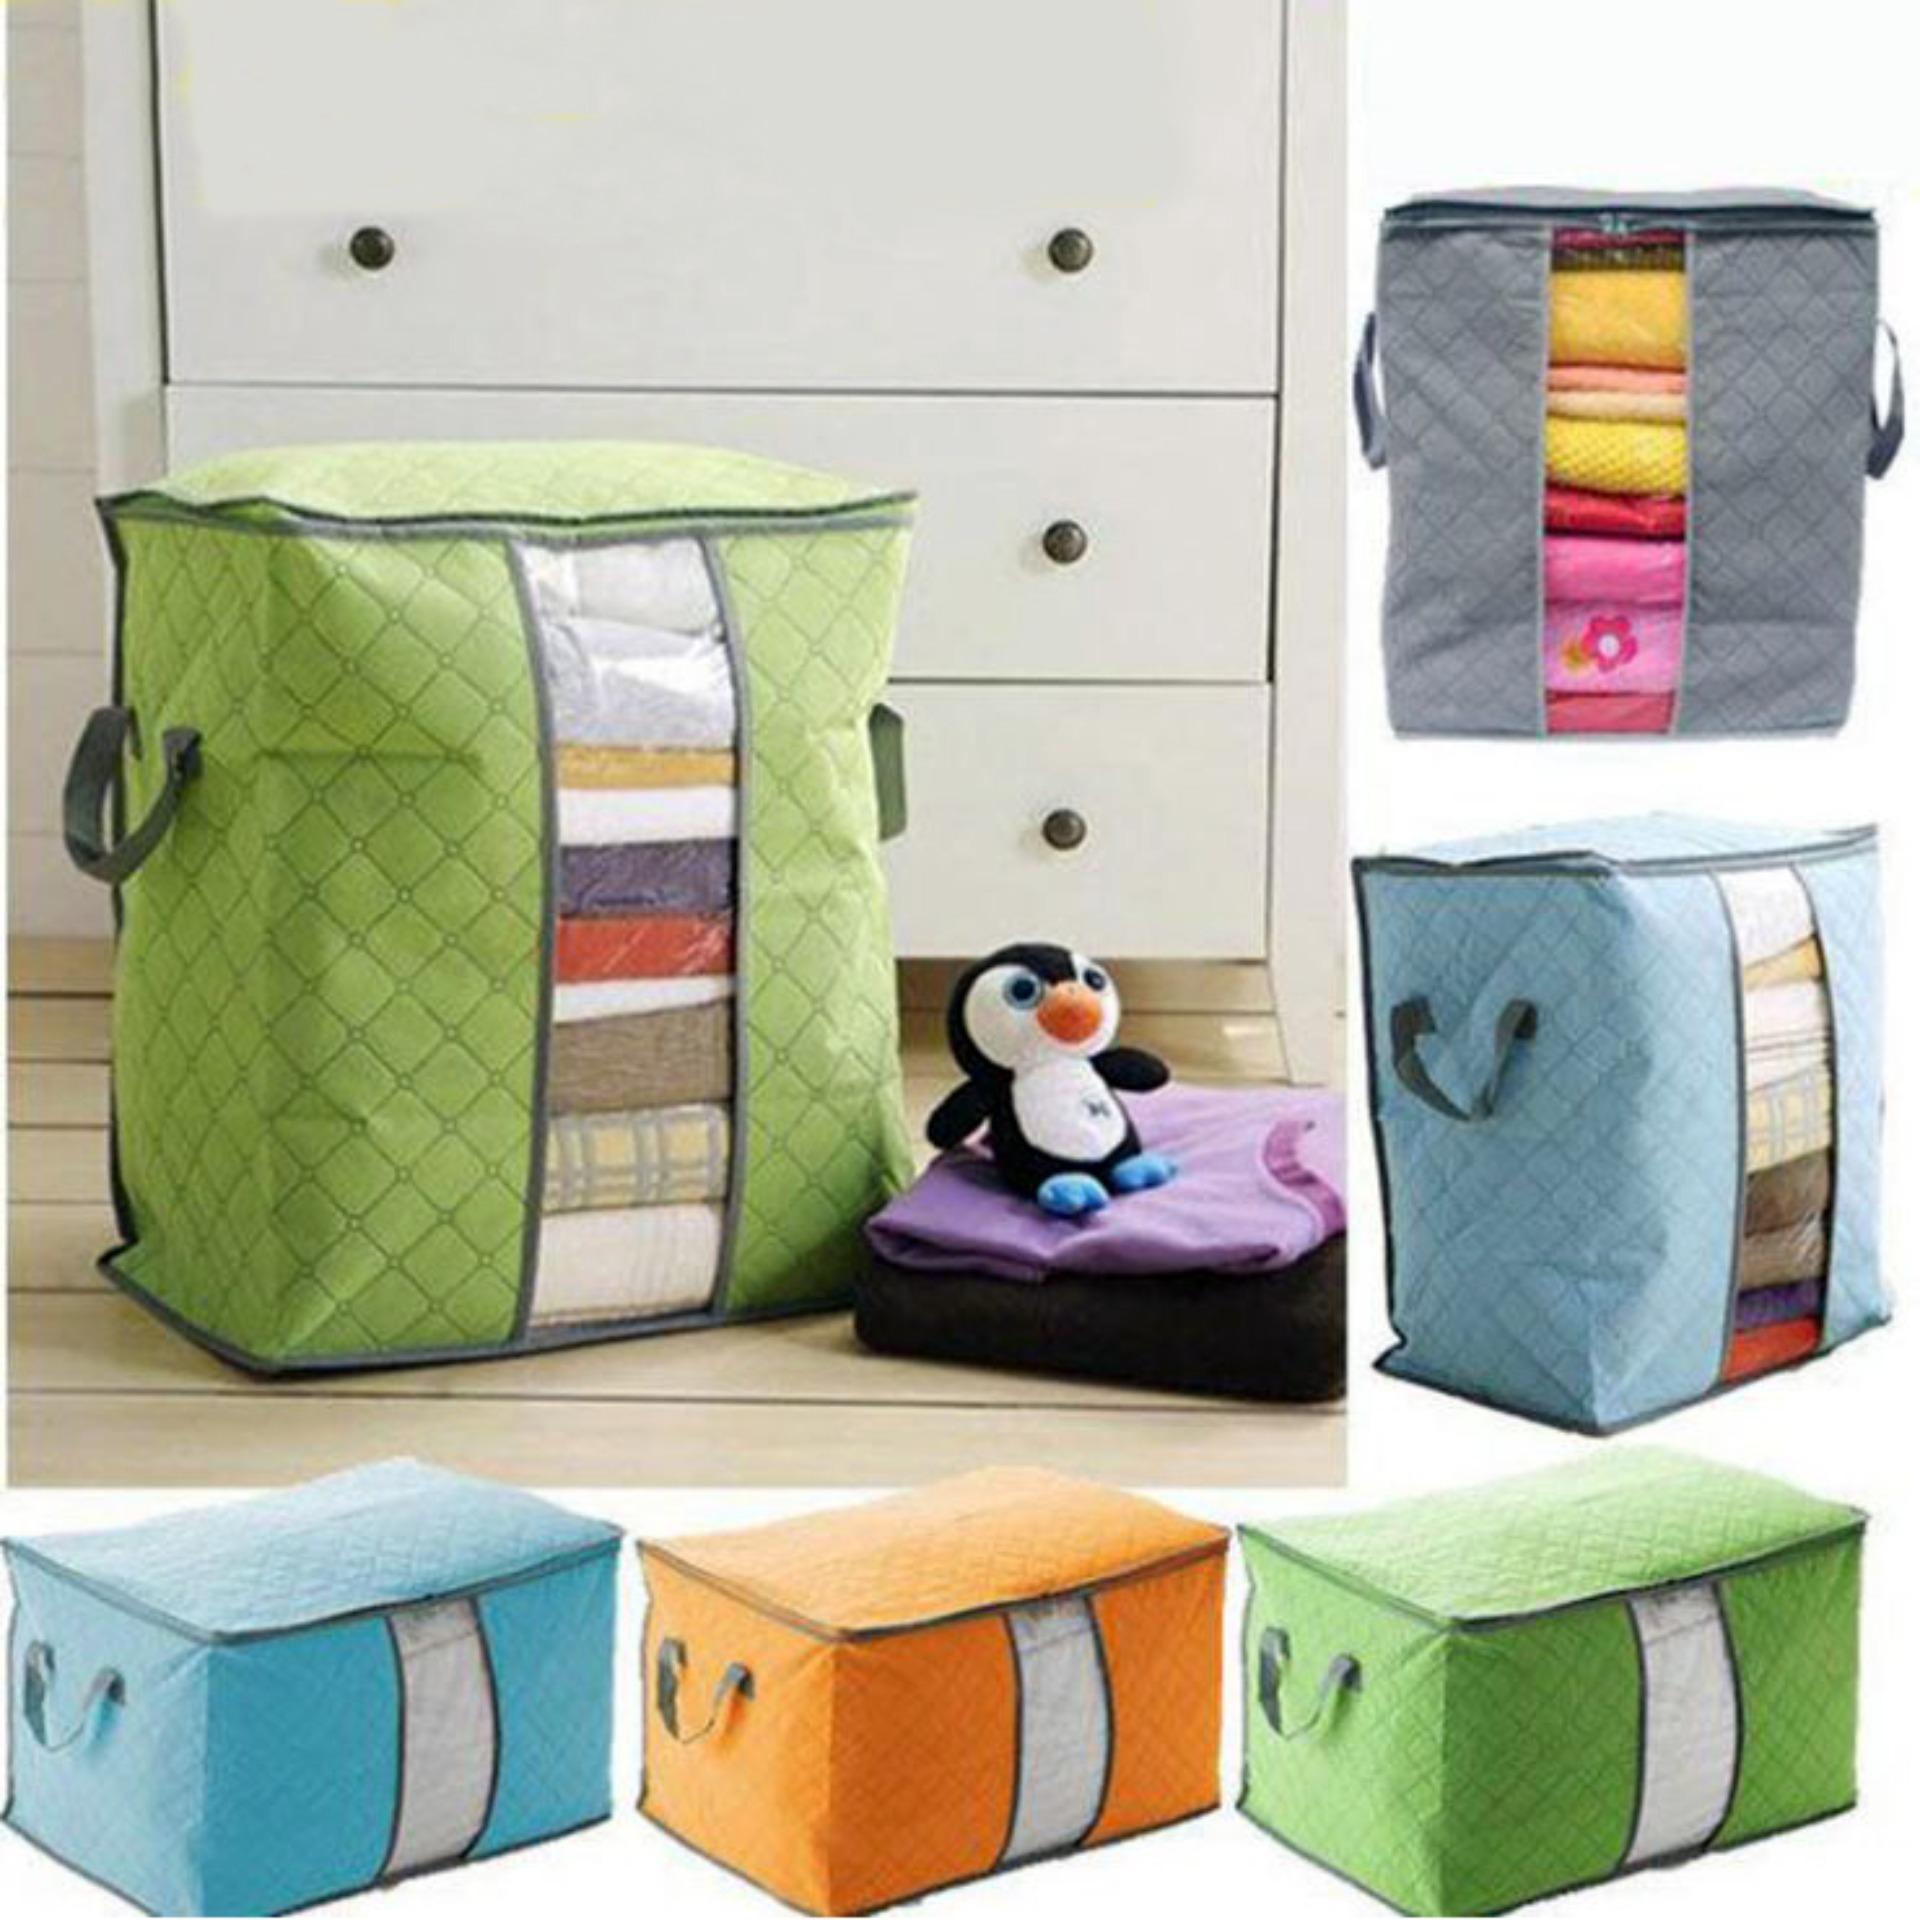 Storage Box Organizer Bag / Tempat Penyimpanan Pakaian Selimut Bed Cover Serbaguna